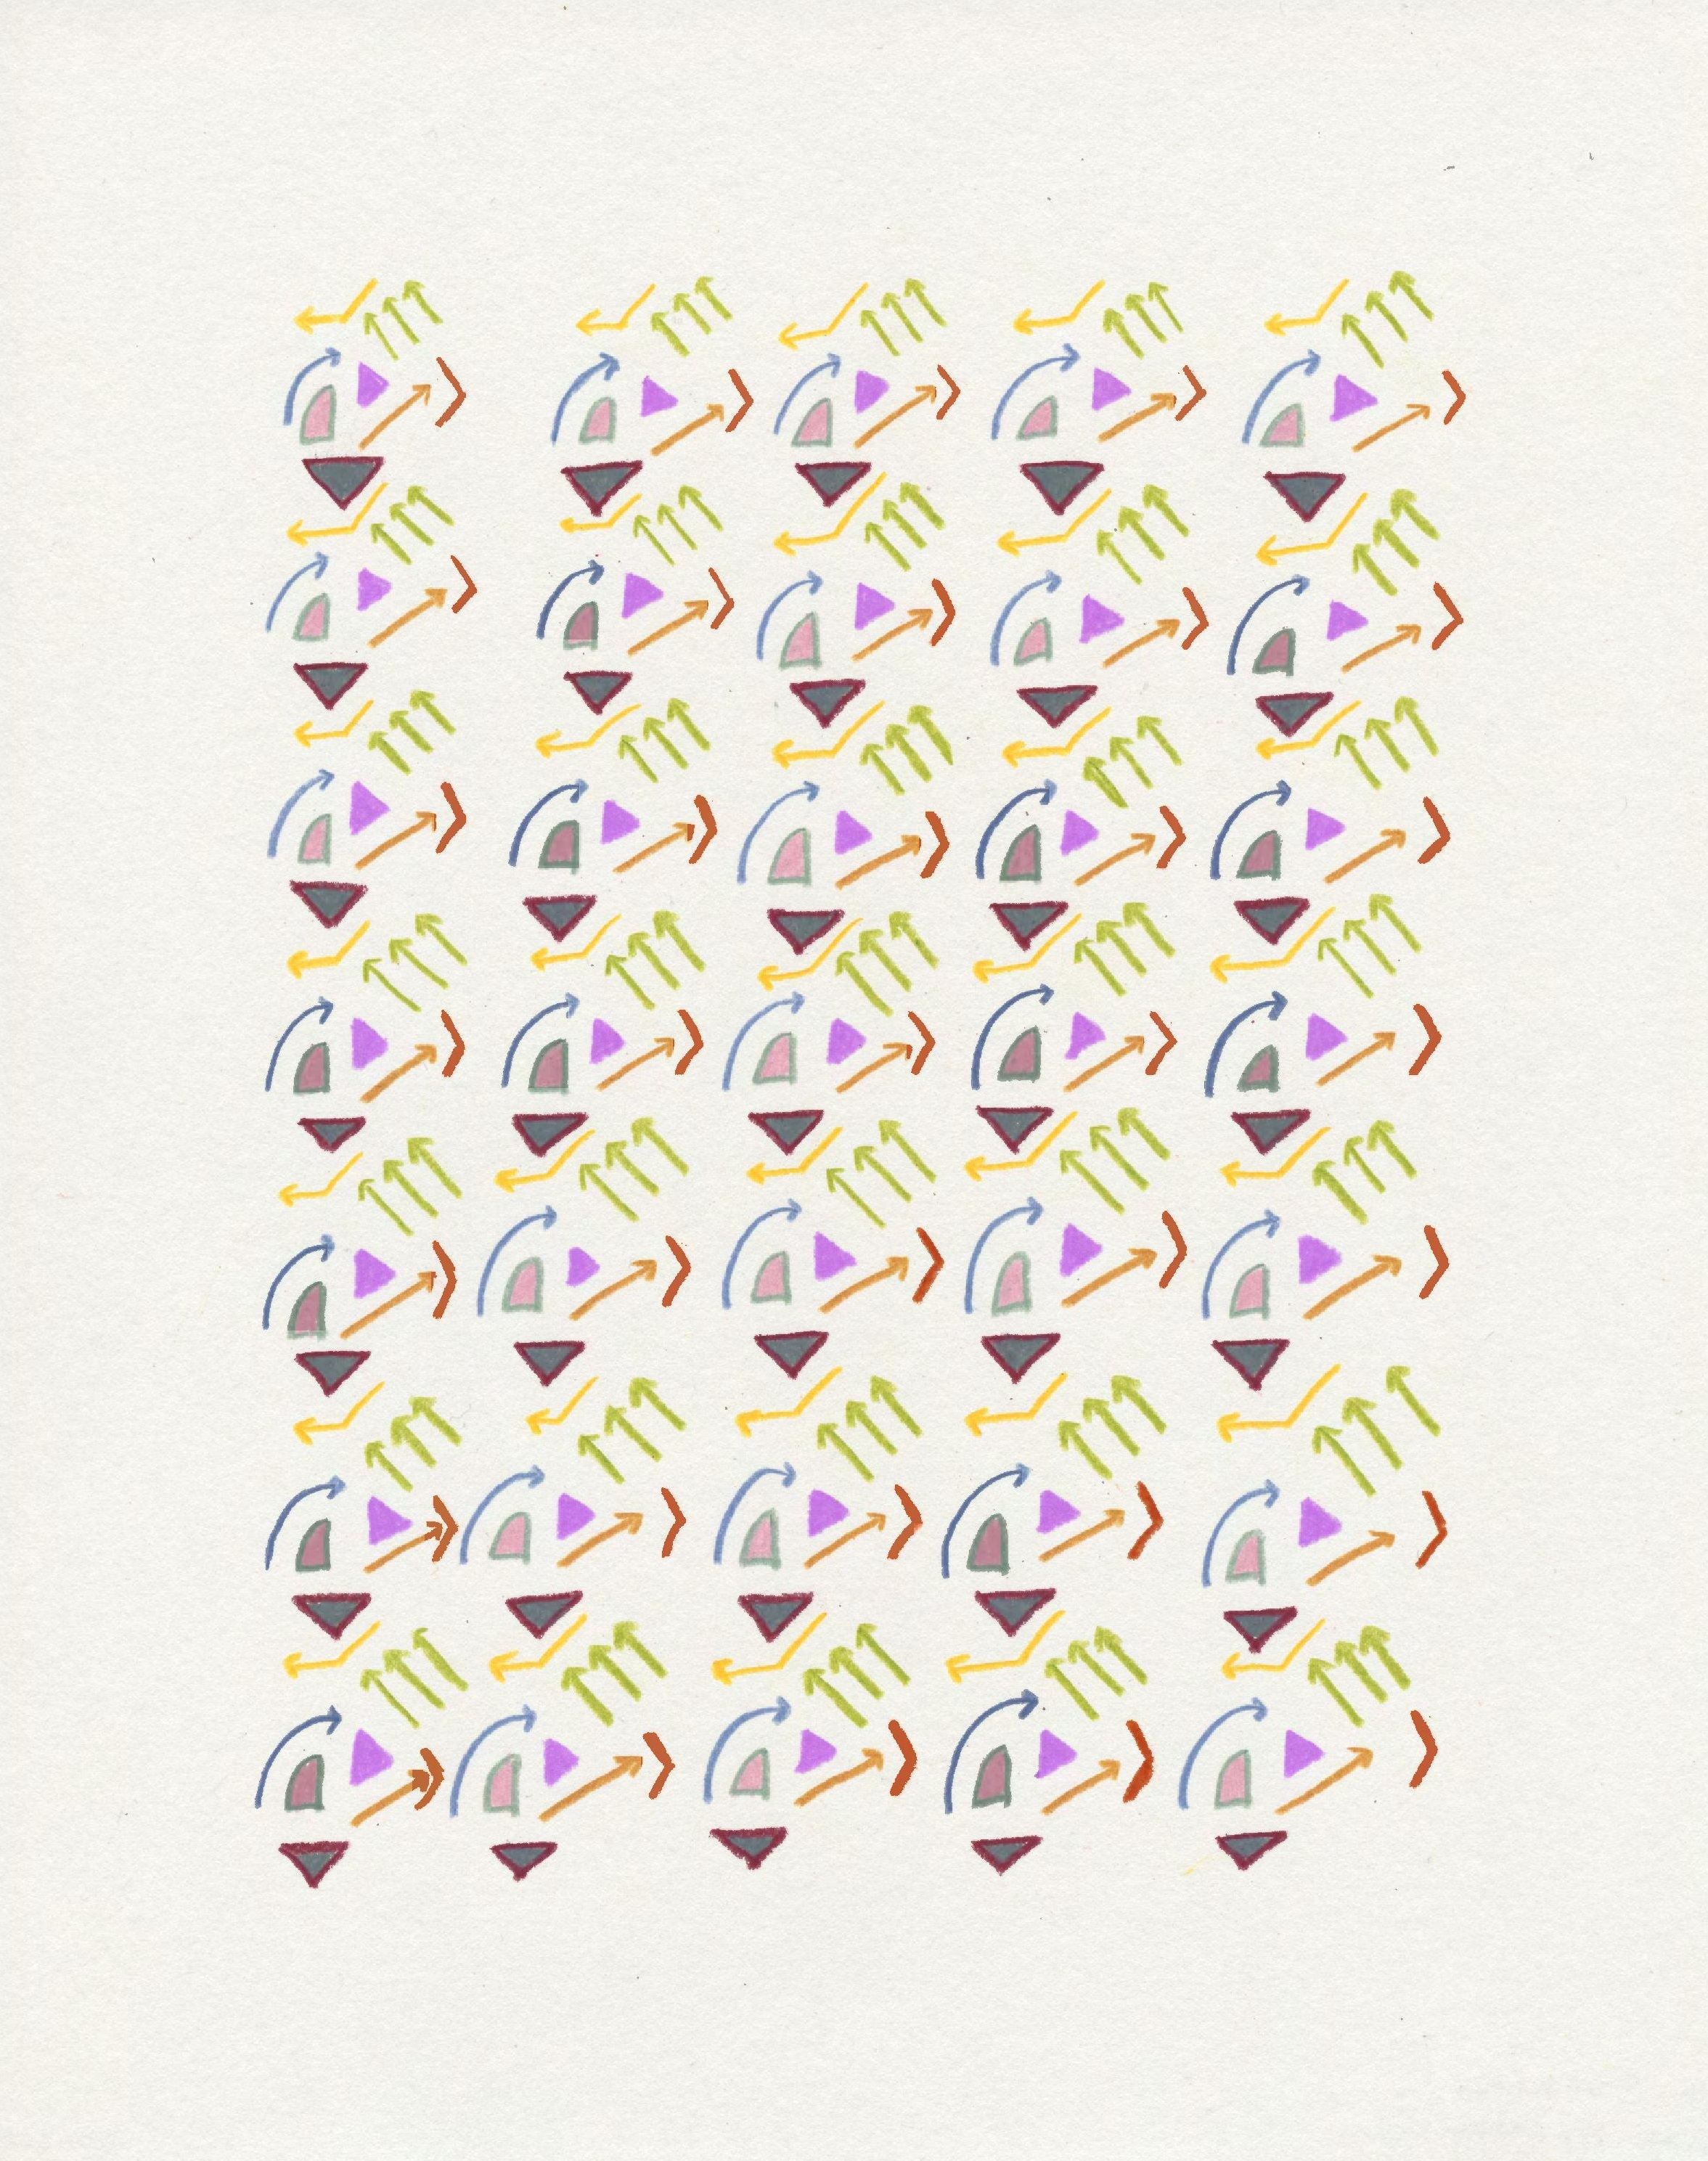 drawings_p14-page-001.jpg